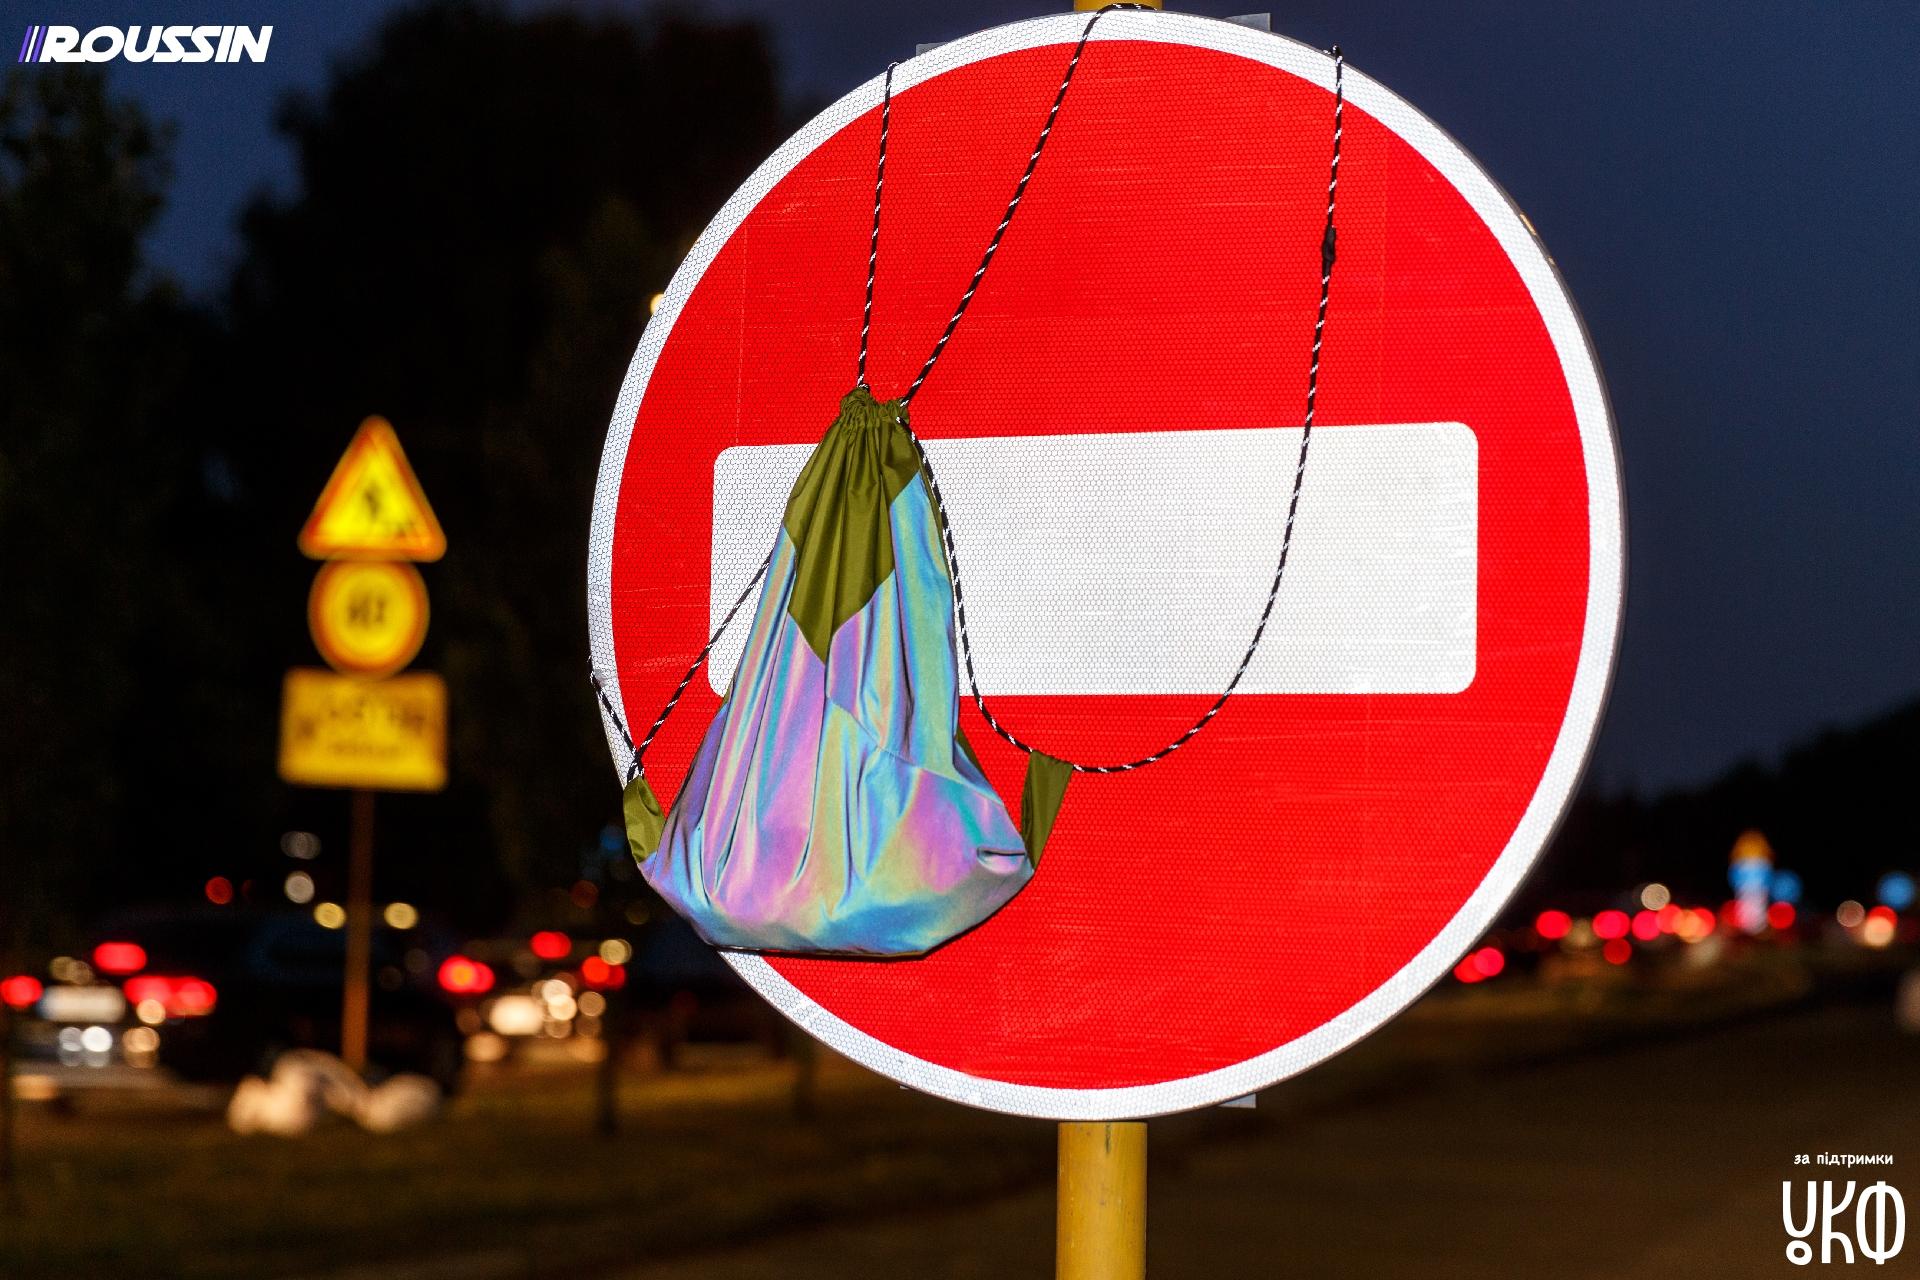 Ответственная мода: проект украинского бренда ROUSSIN продолжает уменьшать количество  ДТП с участием пешеходов - фото №3